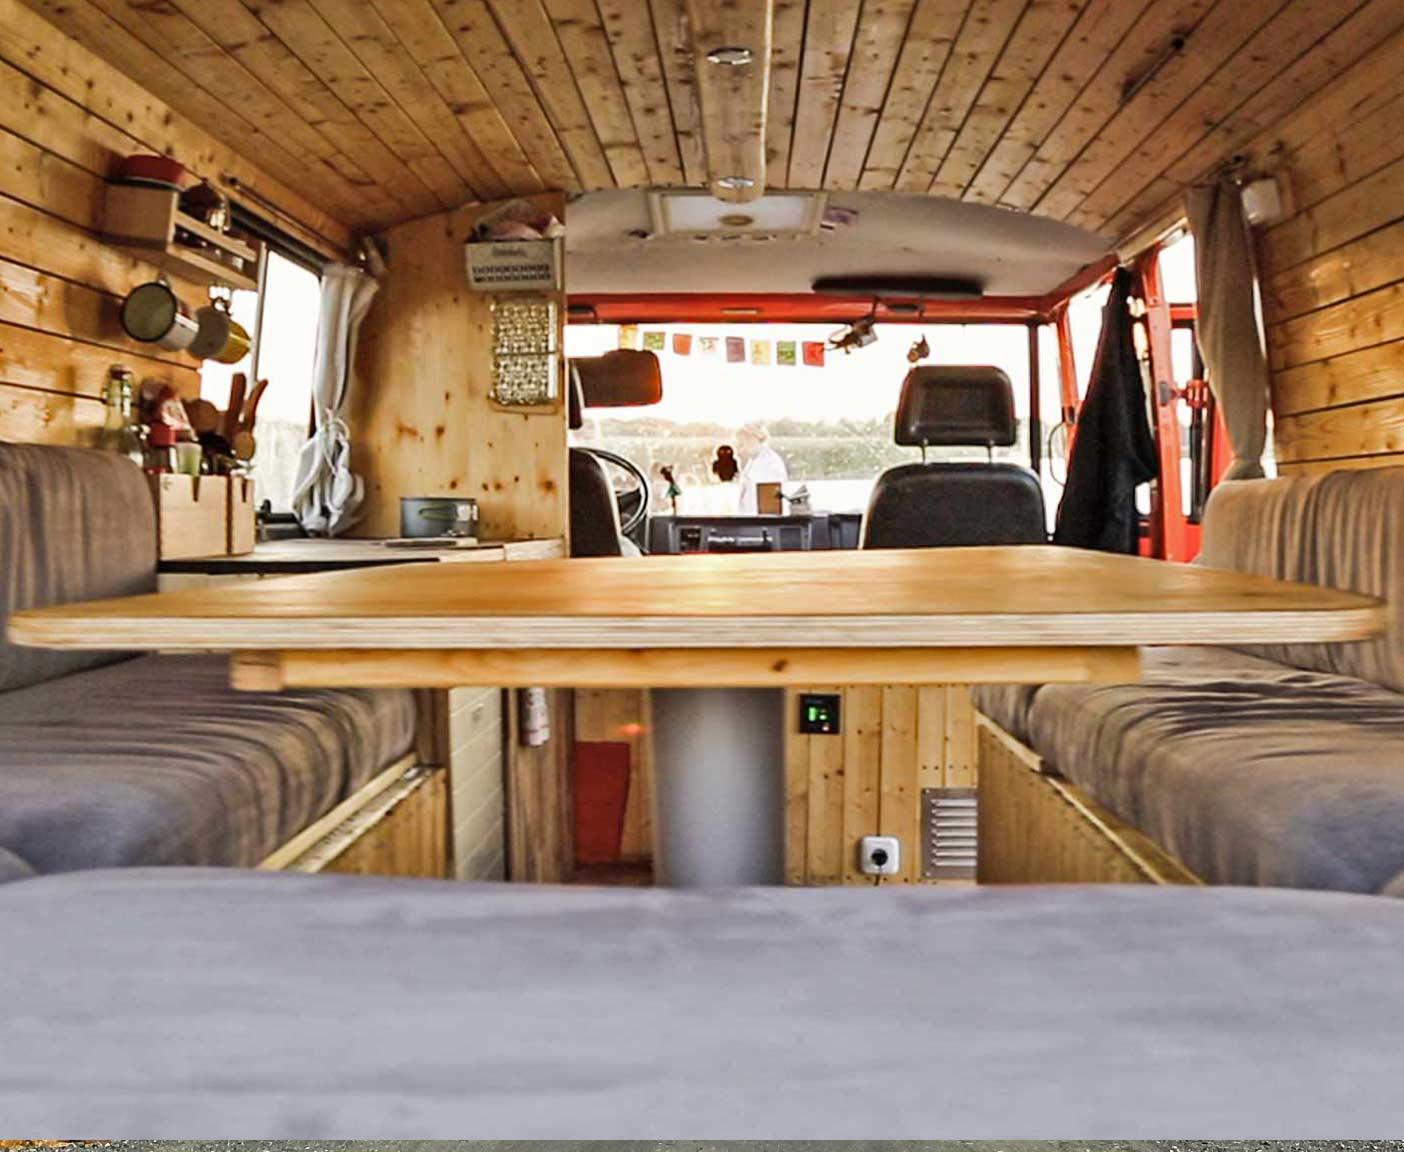 mercedes-407d-wohnmobil-gebraucht-vario-kaufen-basis-benz-passport-diary-innenansicht